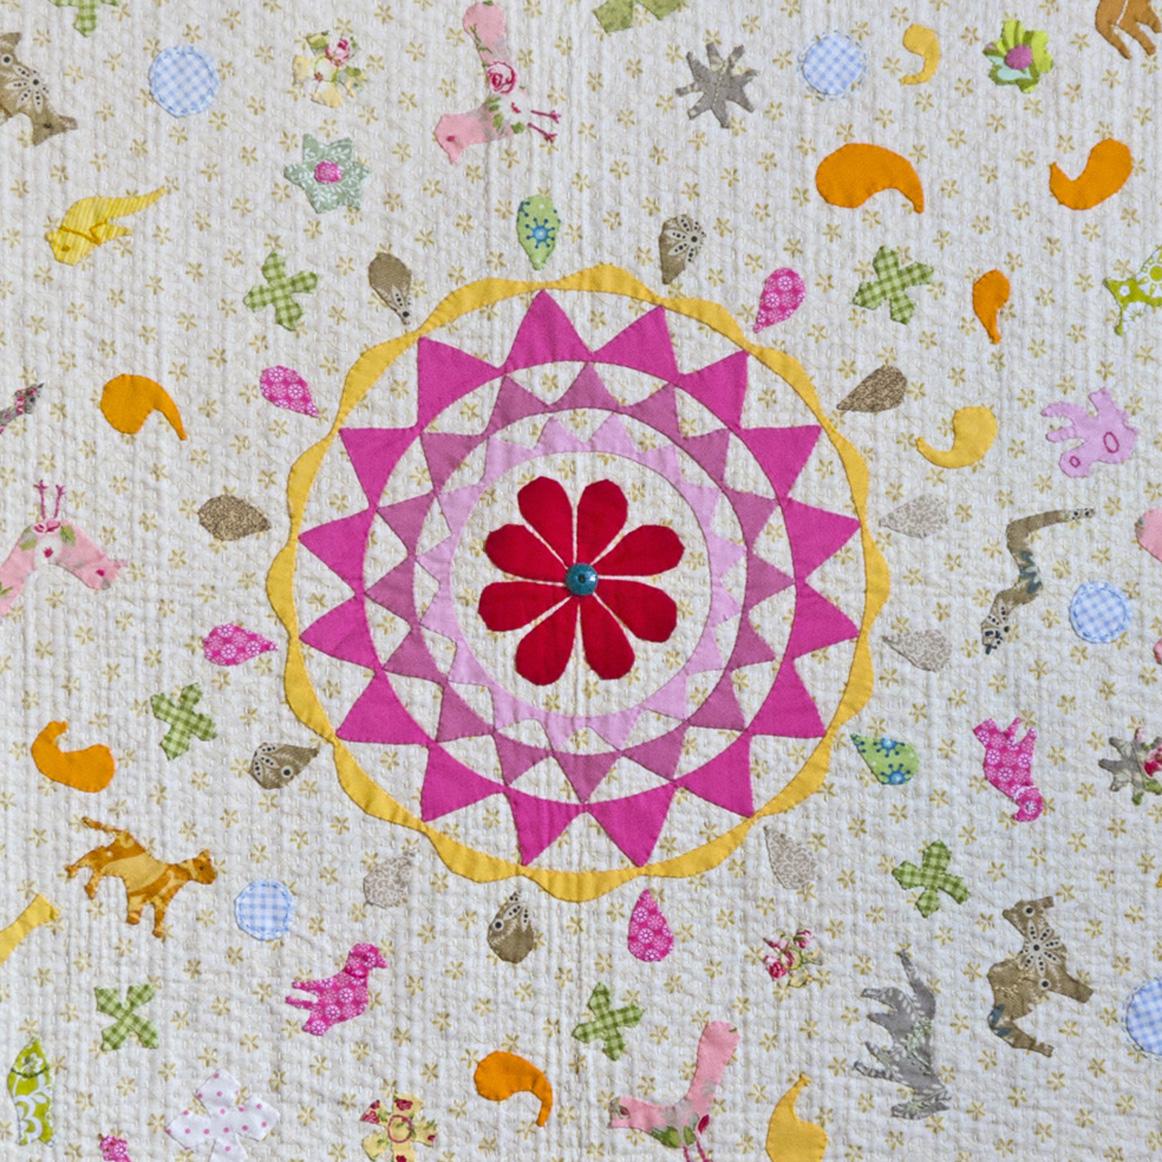 about-3-lotus-flowering-detail